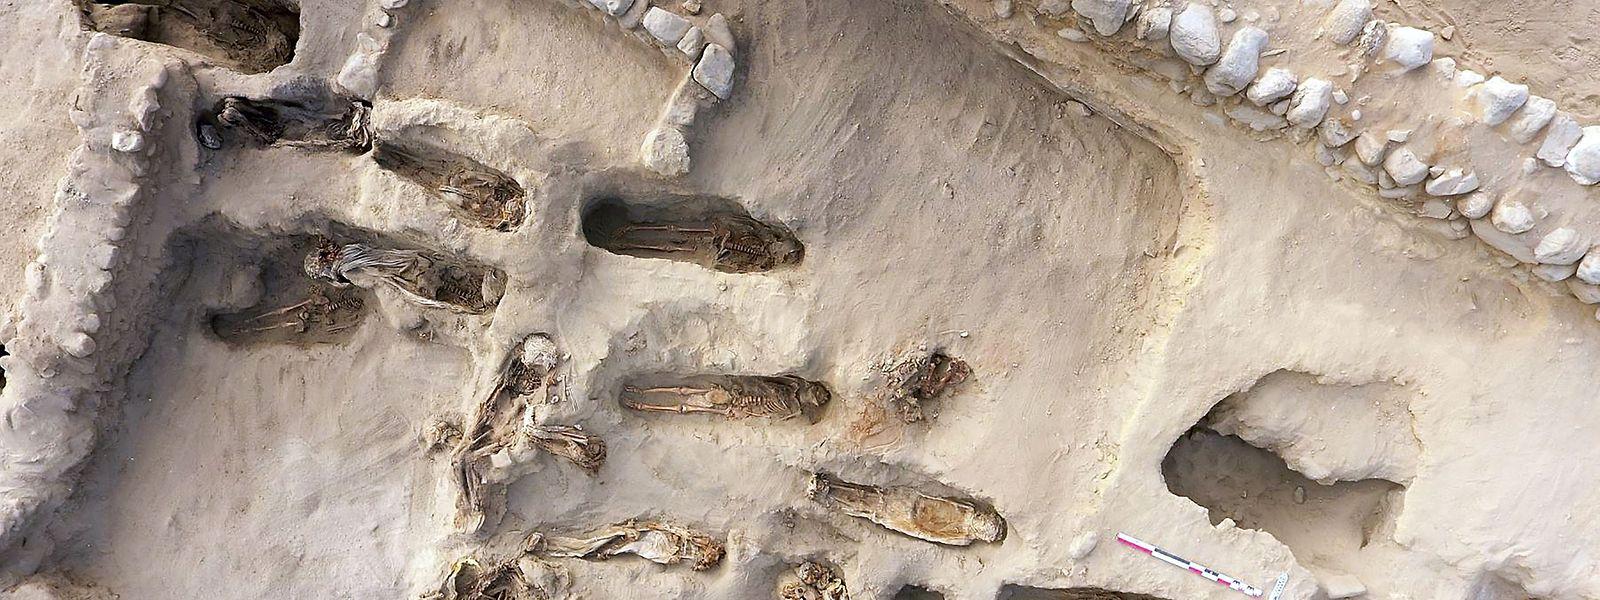 Laut dem Forscherteam könnte es sich bei dem Fund um die weltweit größte Begräbnisstätte für rituelle Kinderopfer handeln.